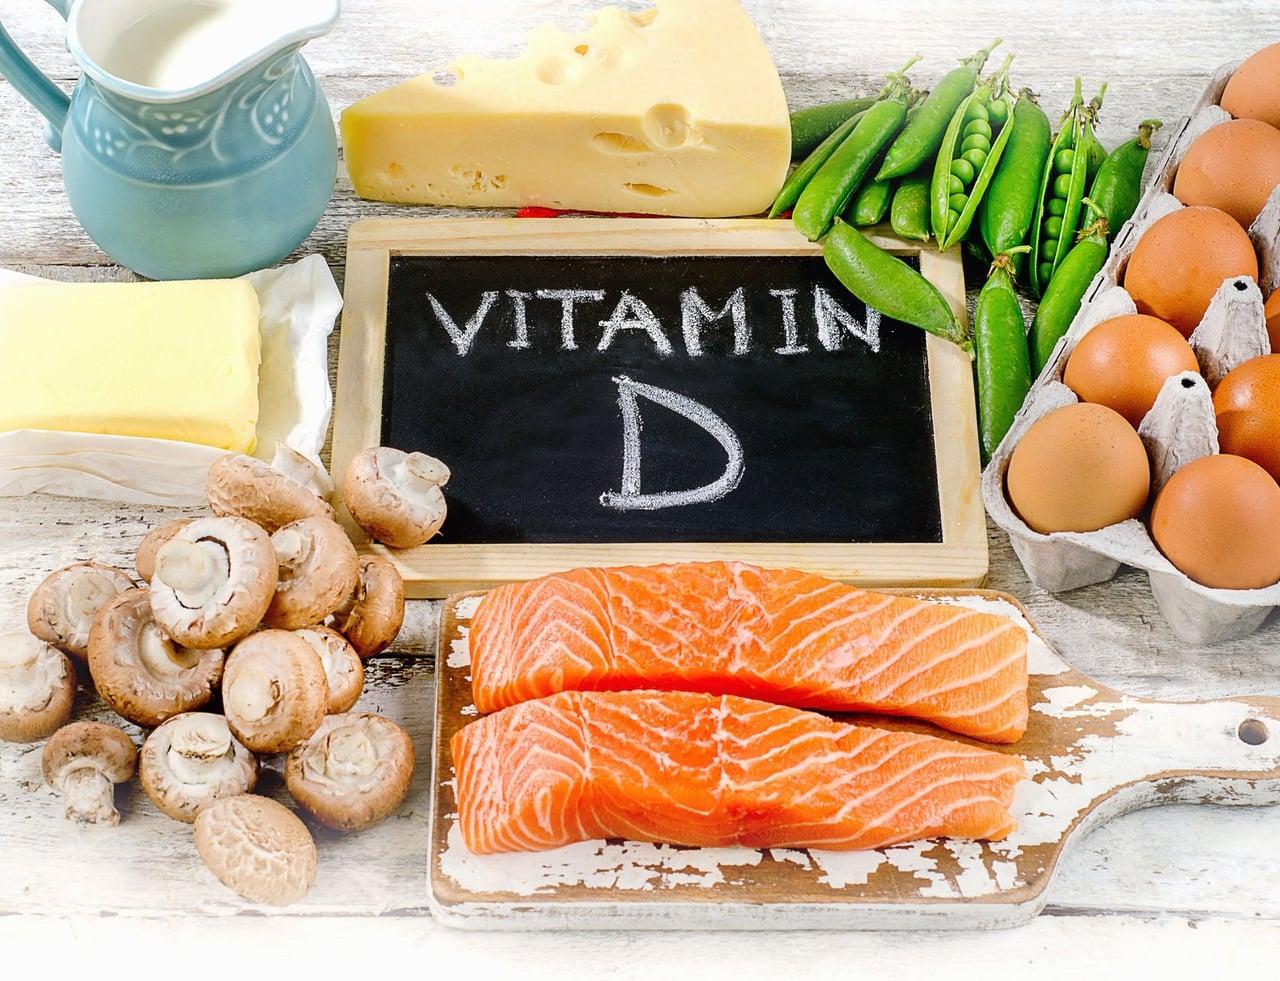 صورة فيتامين د للاطفال , هل تعرف اهمية تناول فيتامين د للاطفال